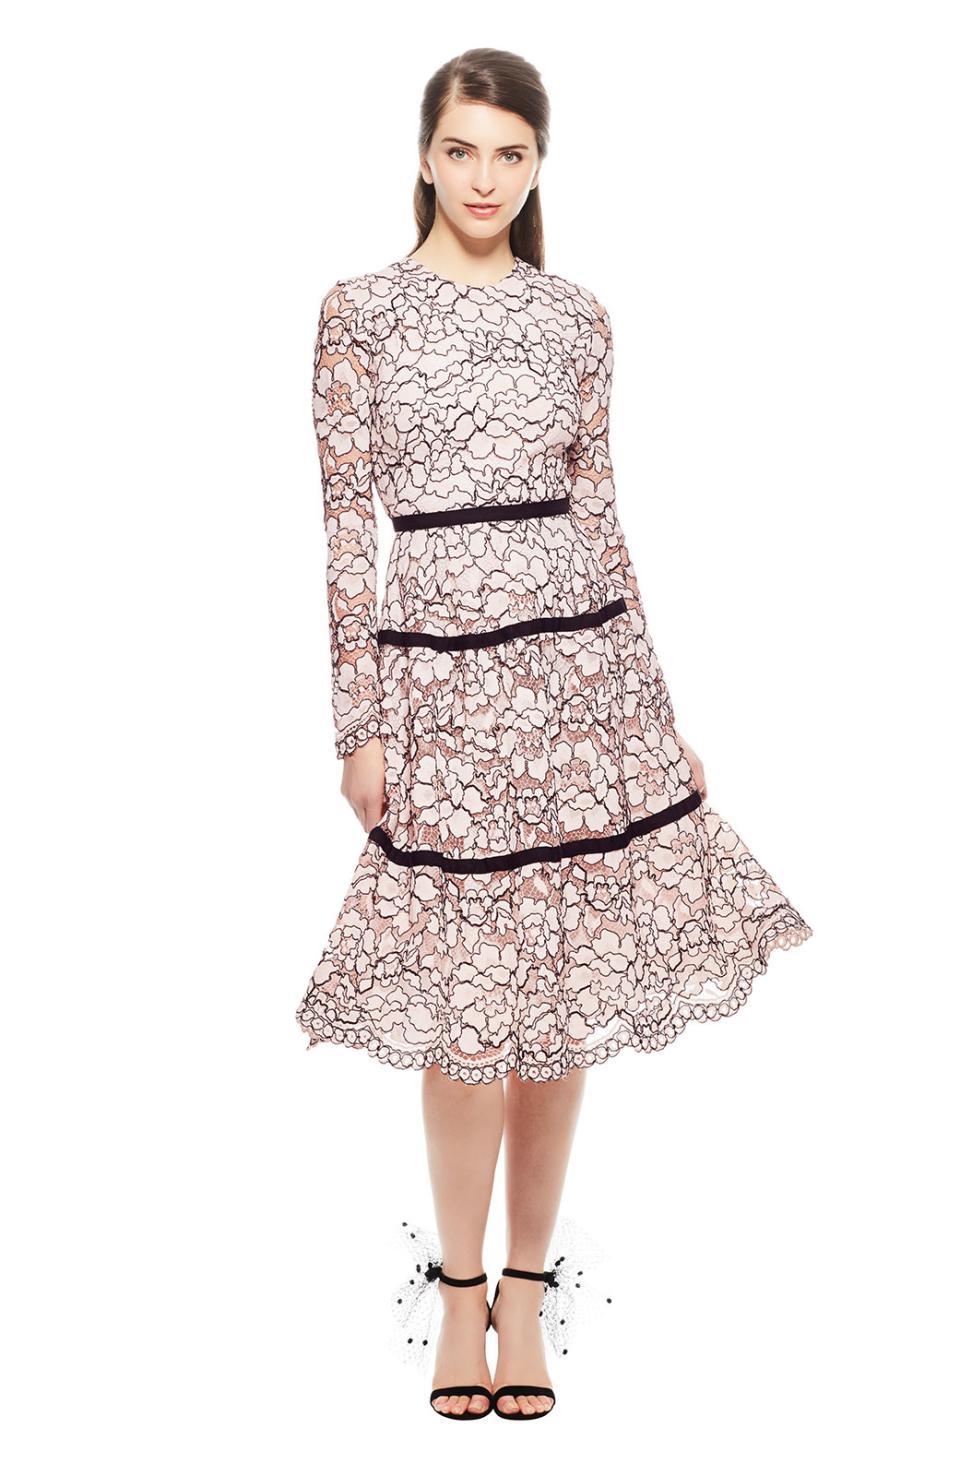 88cfaa25c70 Lyst - Lela Rose Grosgrain-trimmed Corded Lace Dress